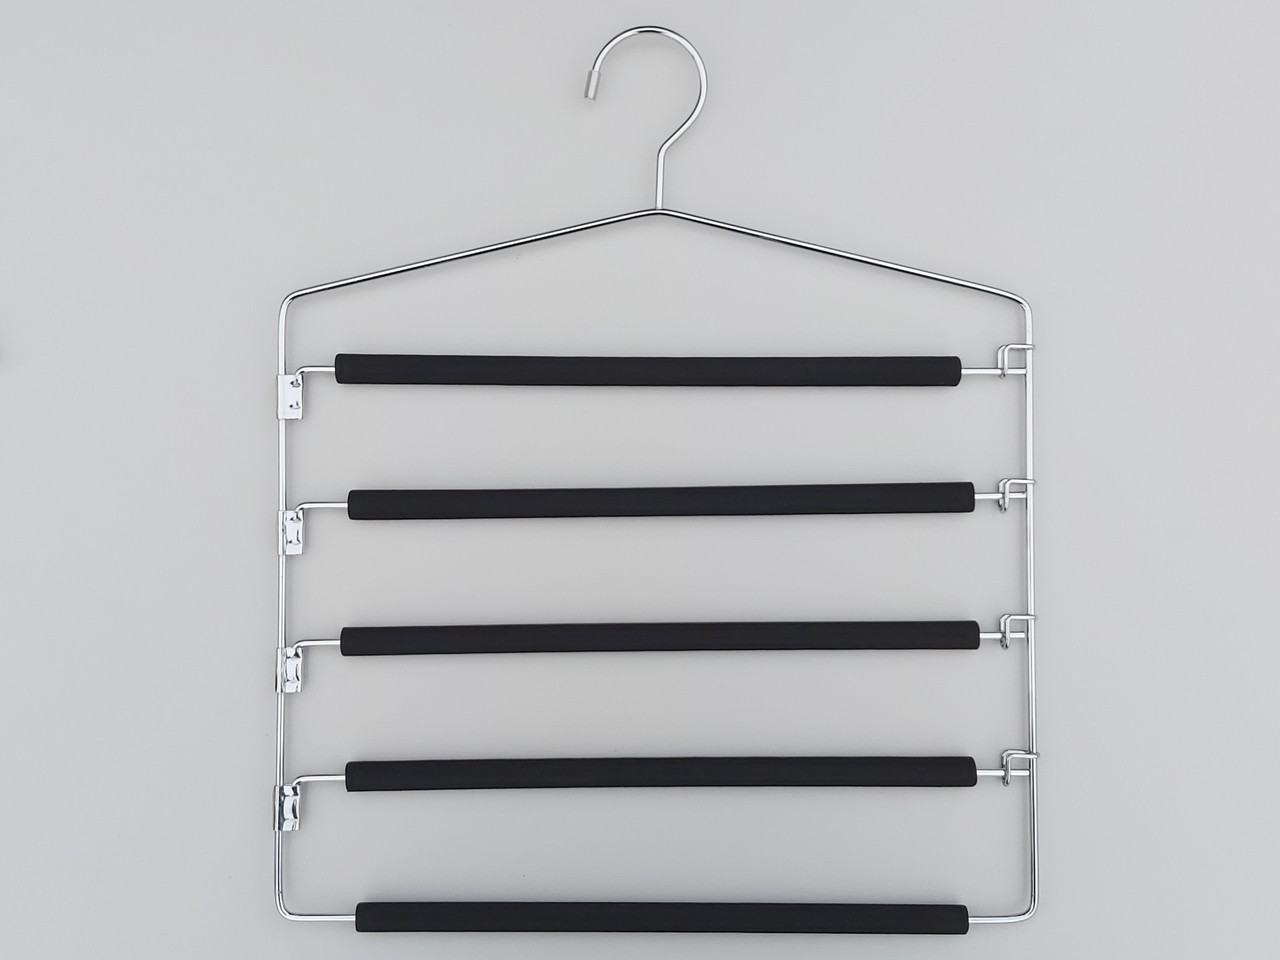 Плічка вішалки тремпеля для штанів металеві в поролоновом покритті сходи 5-ти ярусна, довжина 40 см